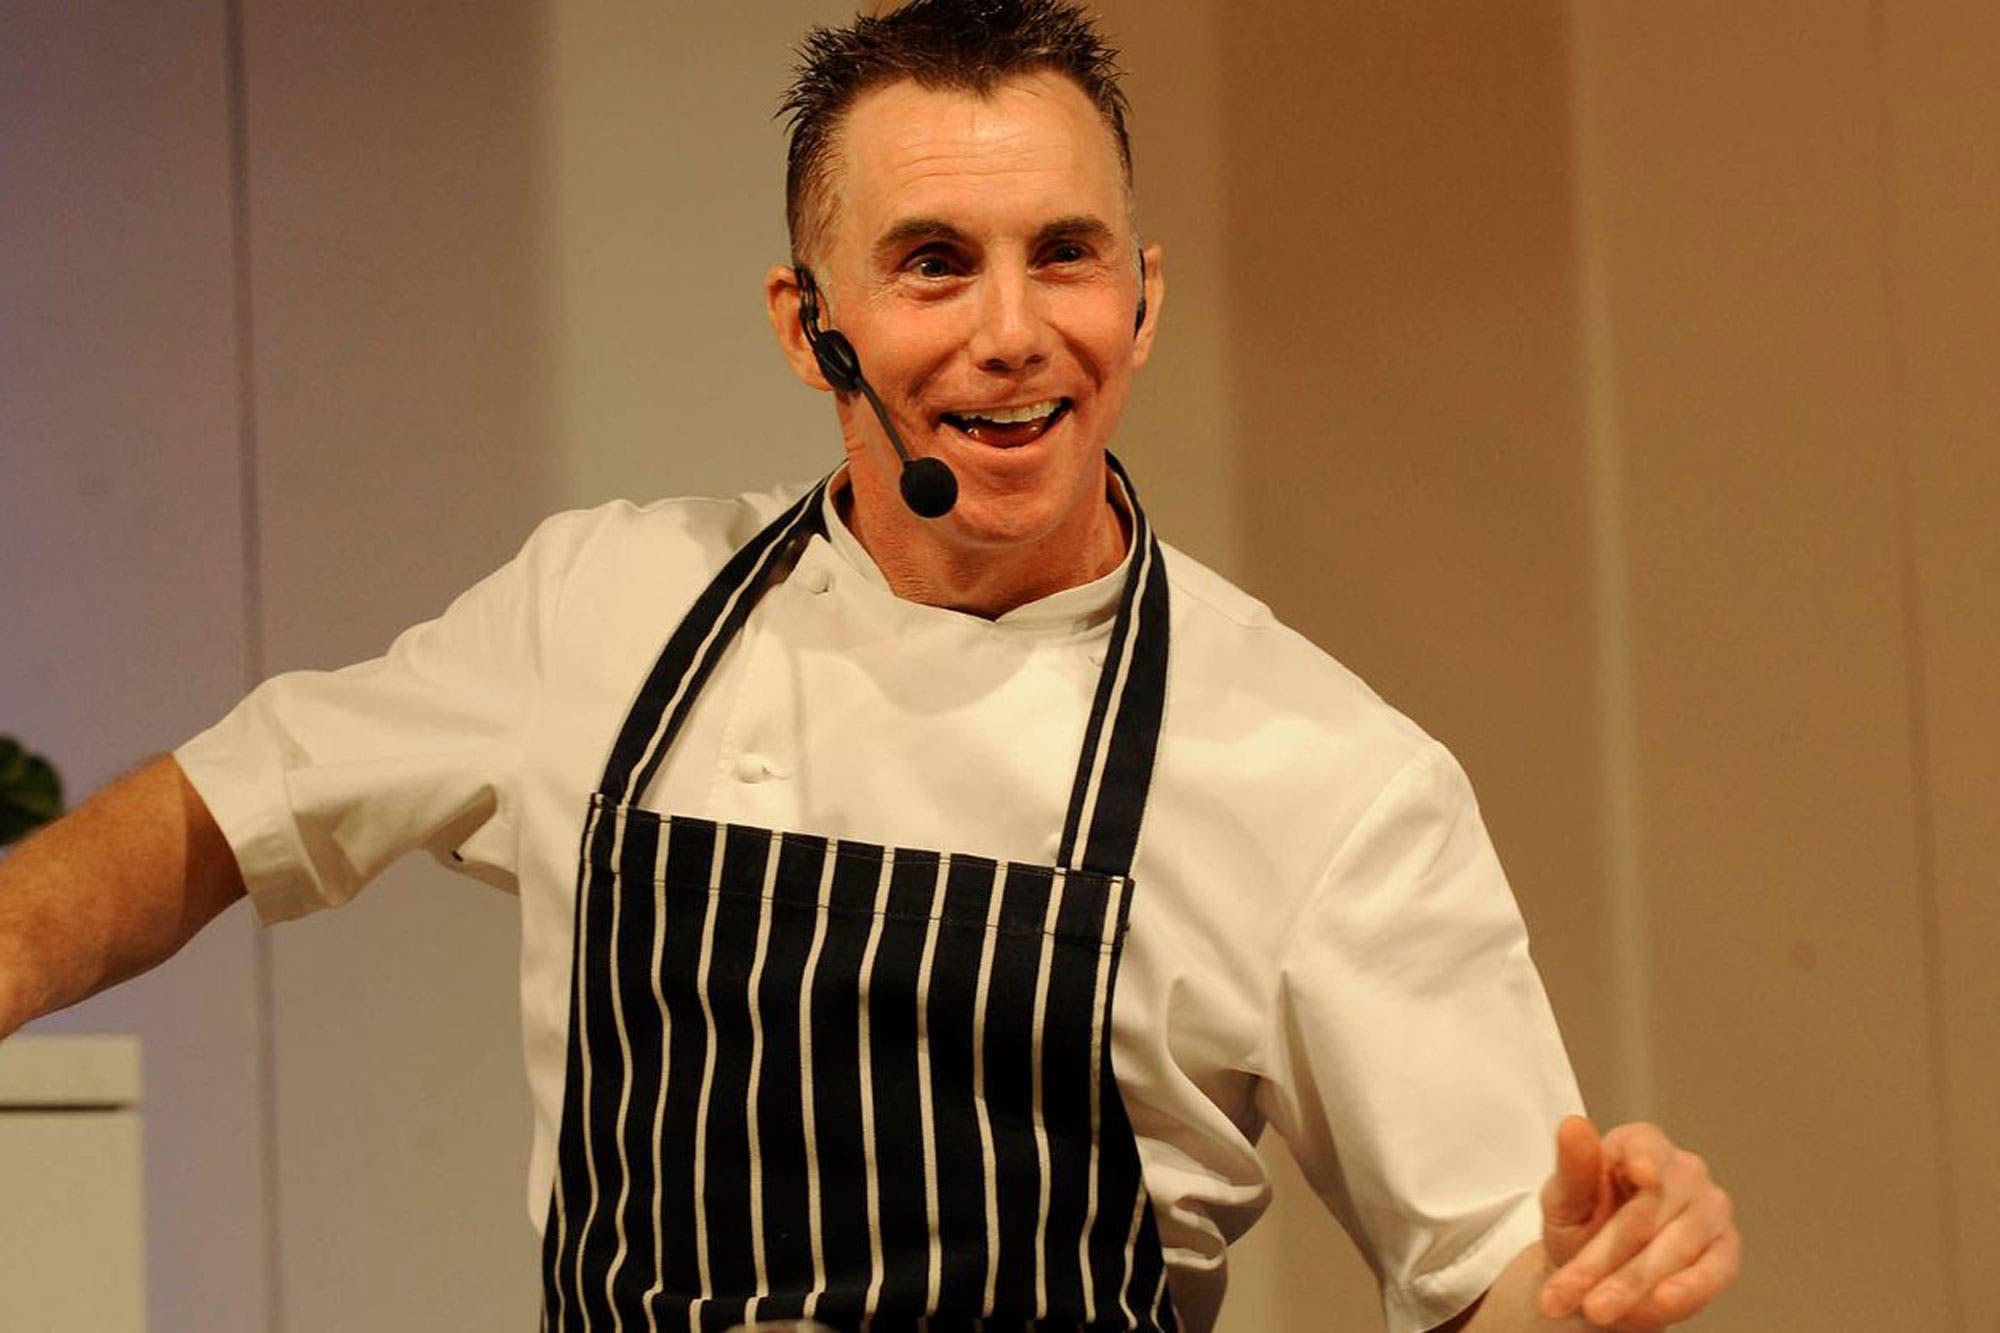 Murió el cocinero inglés de MasterChef, Gary Rhodes, a los 59 años